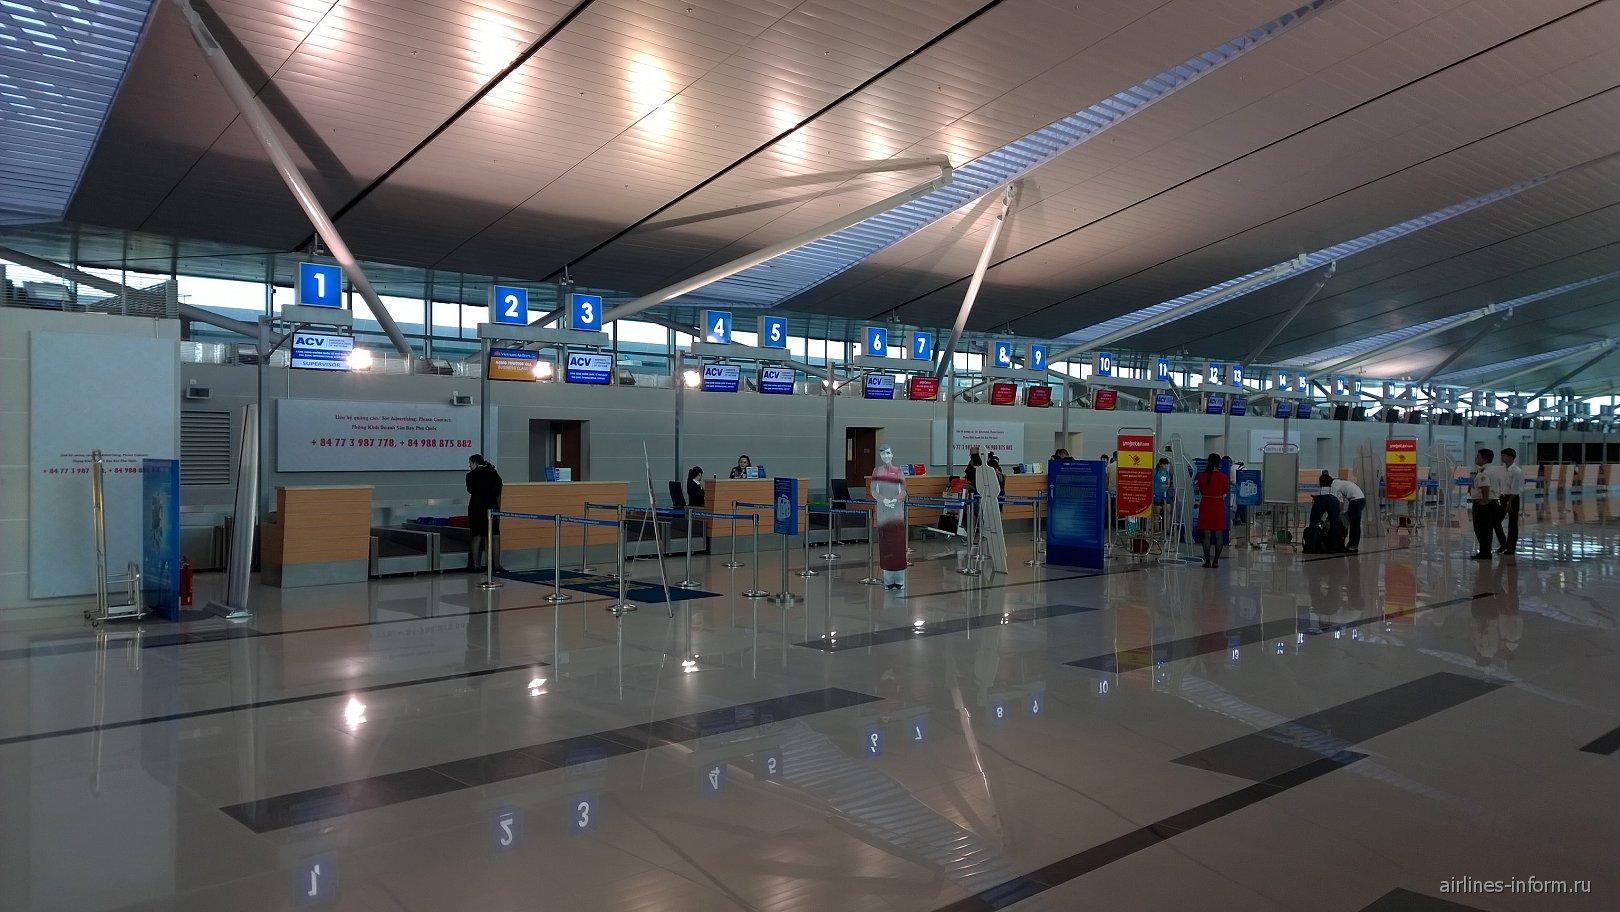 Стойки регистрации в аэропорту Фукуок